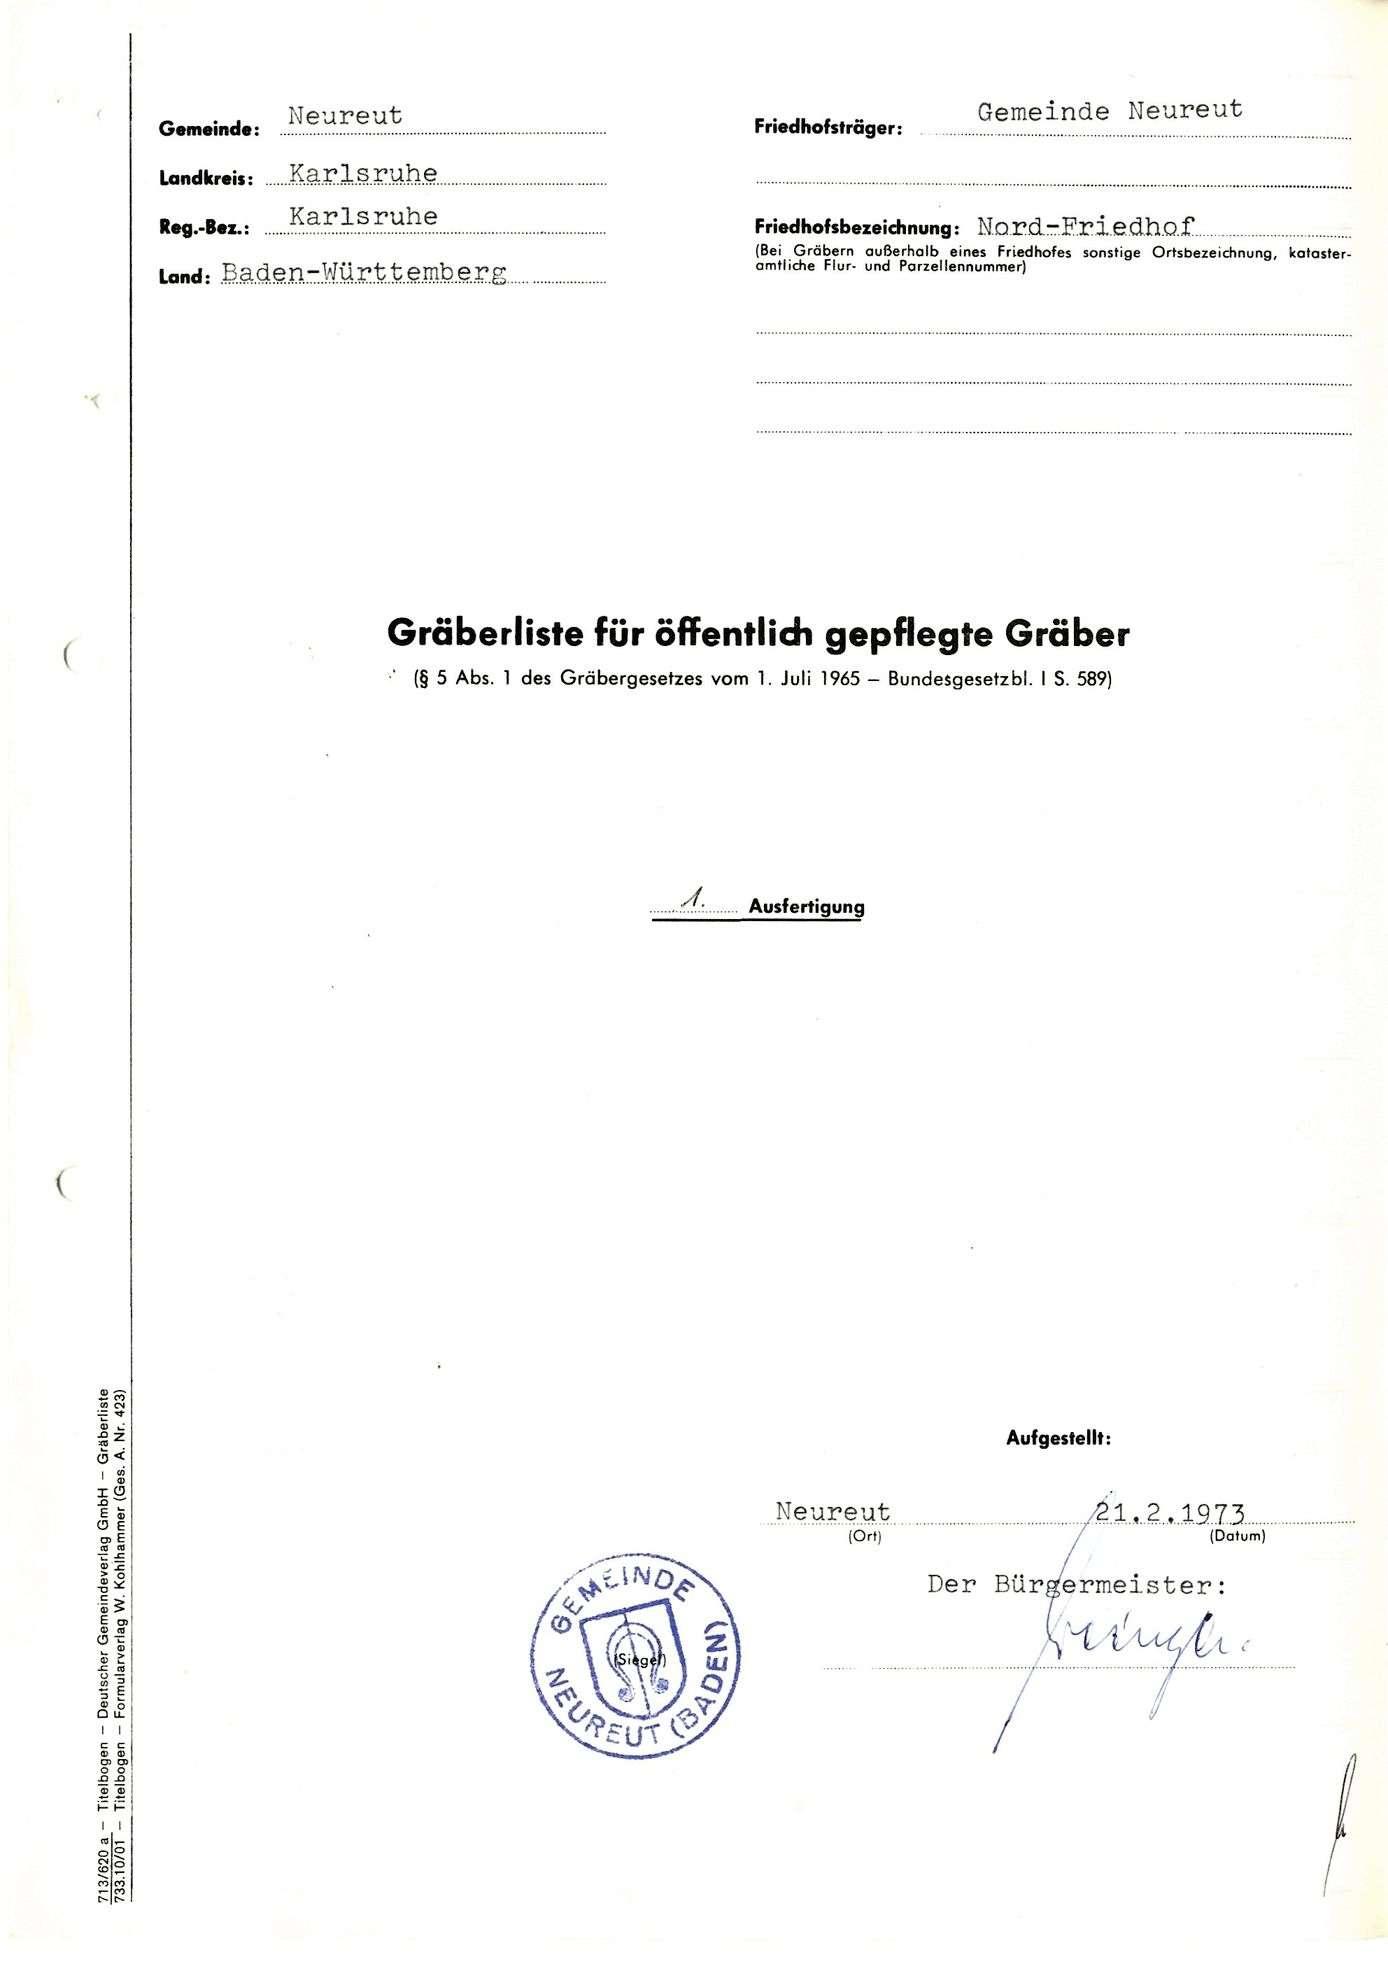 Neureut, Bild 1